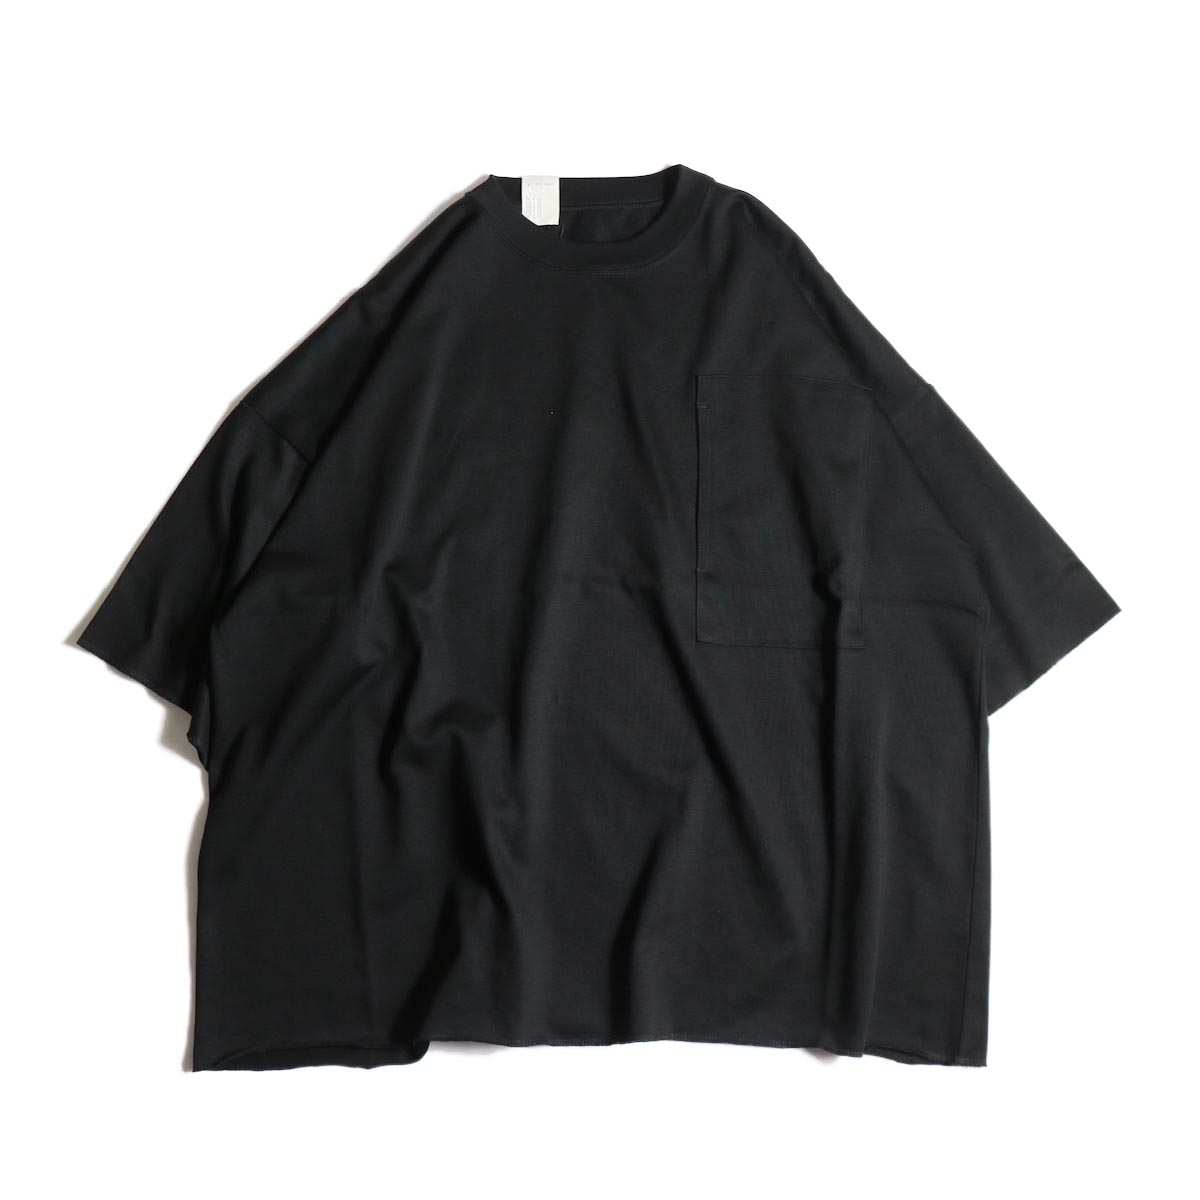 N.HOOLYWOOD / 1202-CS13-034 Big Tee (Black)正面